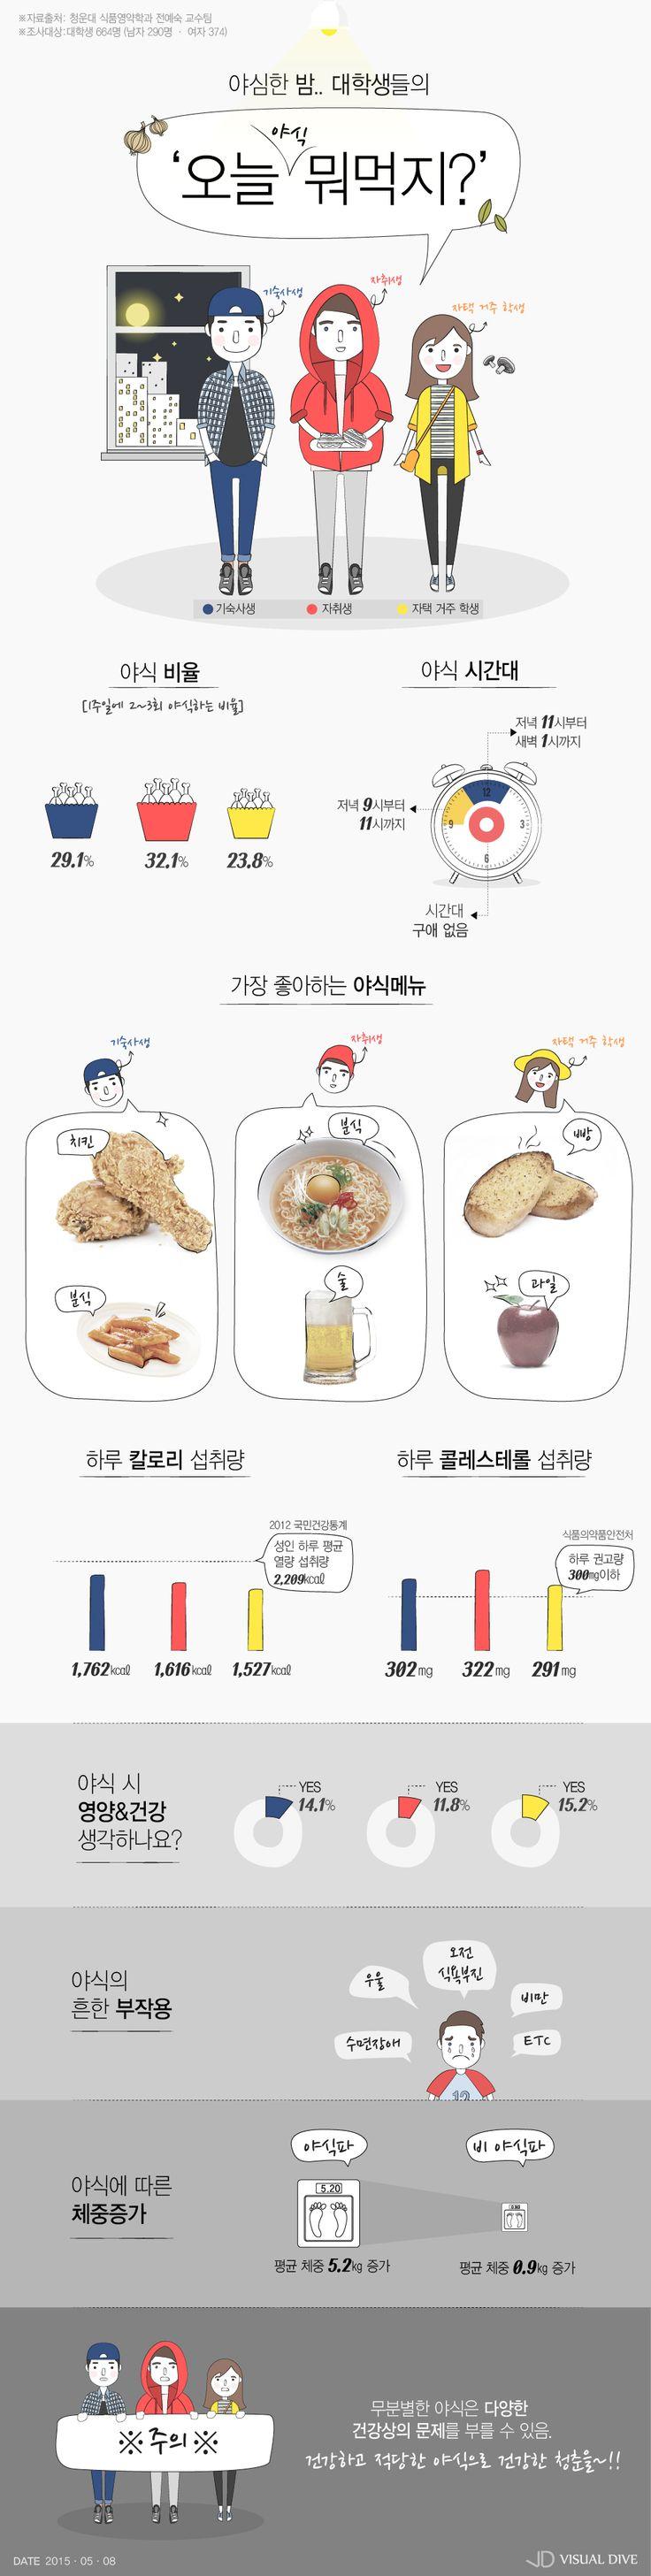 """기숙사 생활 대학생 84% """"야식 즐겨 먹어""""…비만, 우울, 수면부족 등 부작용 우려 [인포그래픽] #late-night meal / #Infographic ⓒ 비주얼다이브 무단 복사·전재·재배포"""